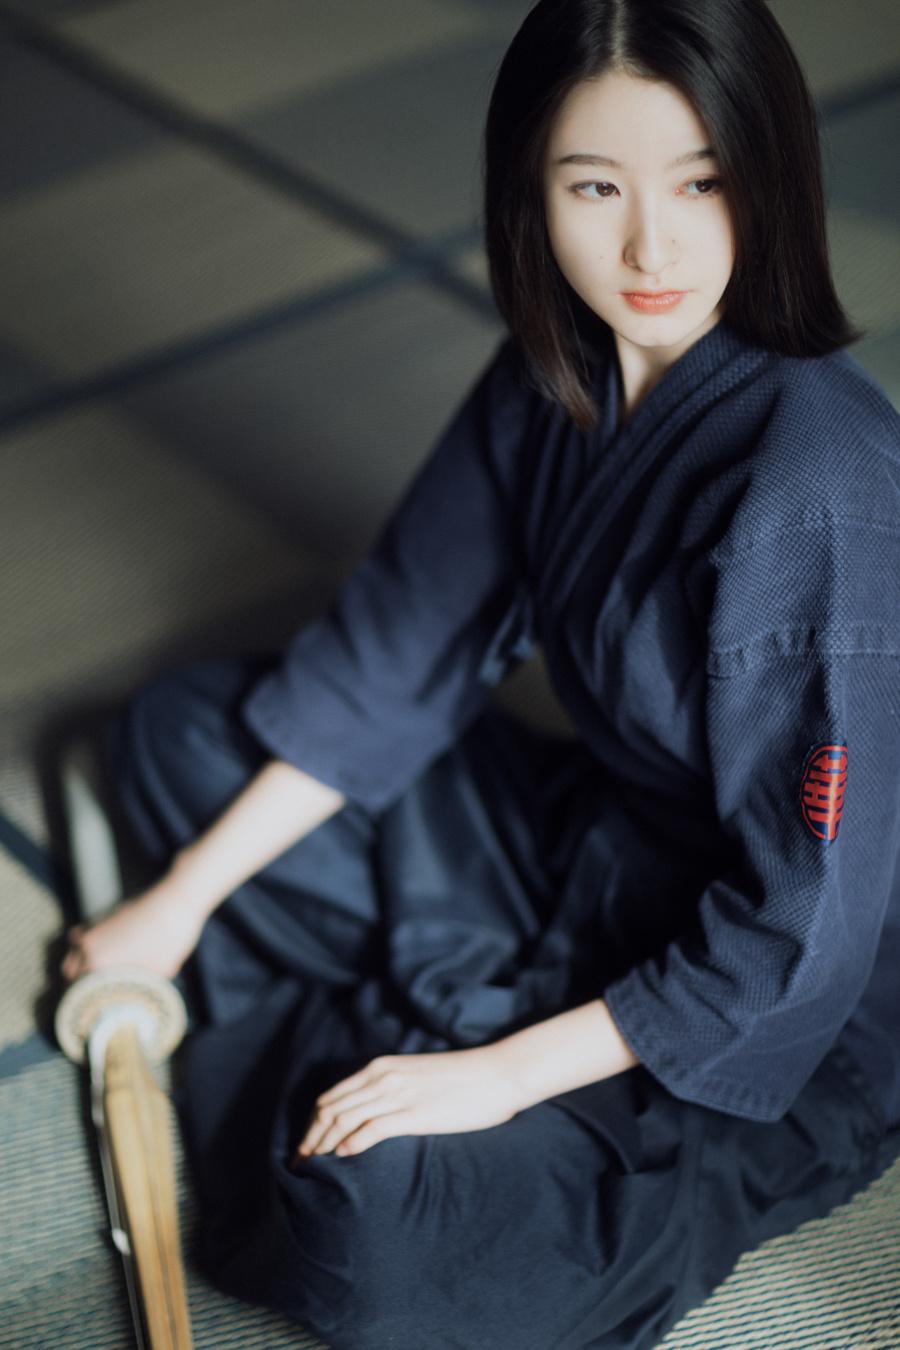 剣道—人像摄影